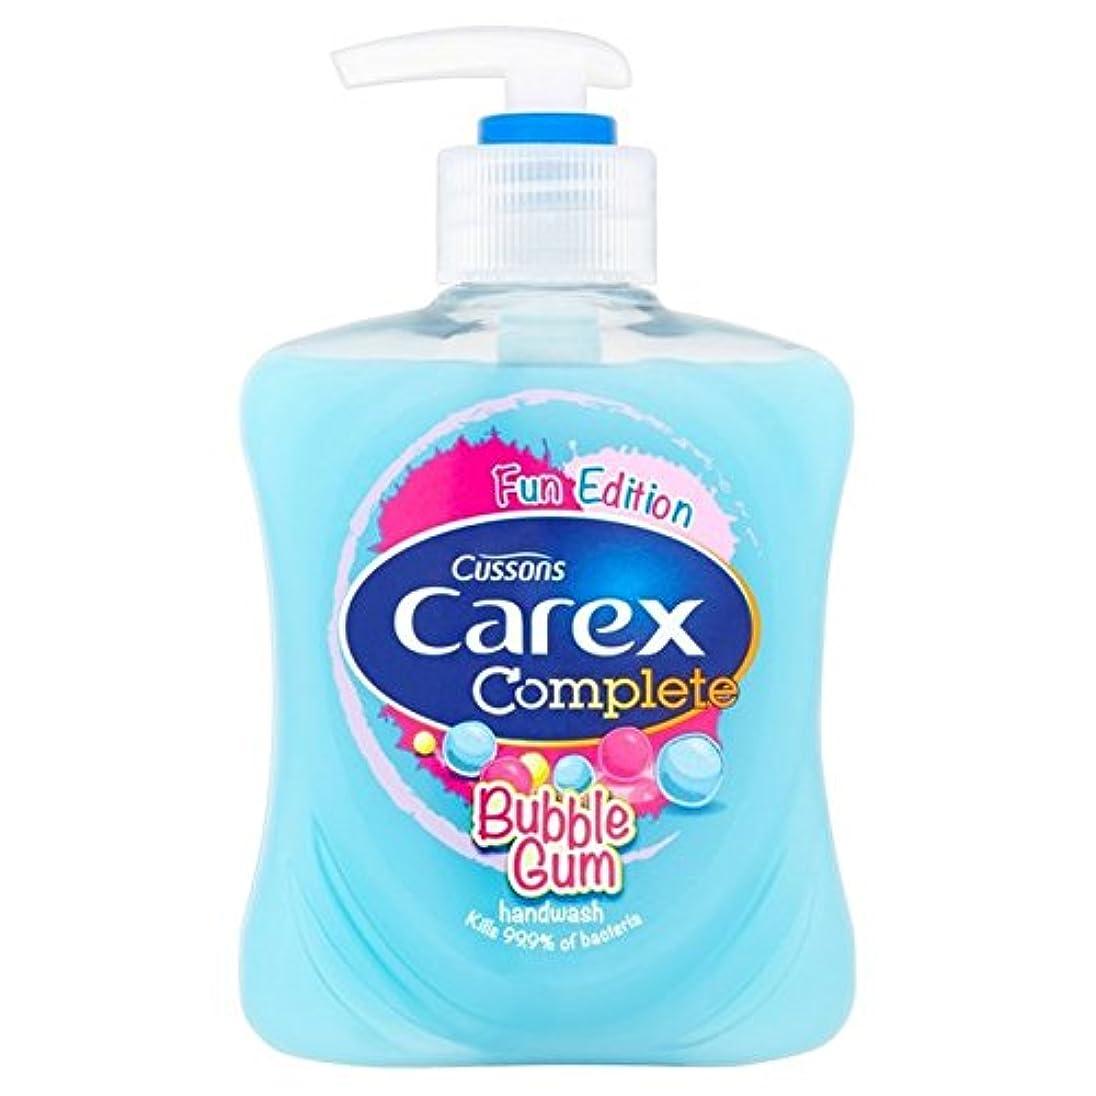 くるみ論争の的広告するCarex Kids Handwash Bubblegum 250ml (Pack of 6) - スゲ子供手洗いバブルガムの250ミリリットル x6 [並行輸入品]